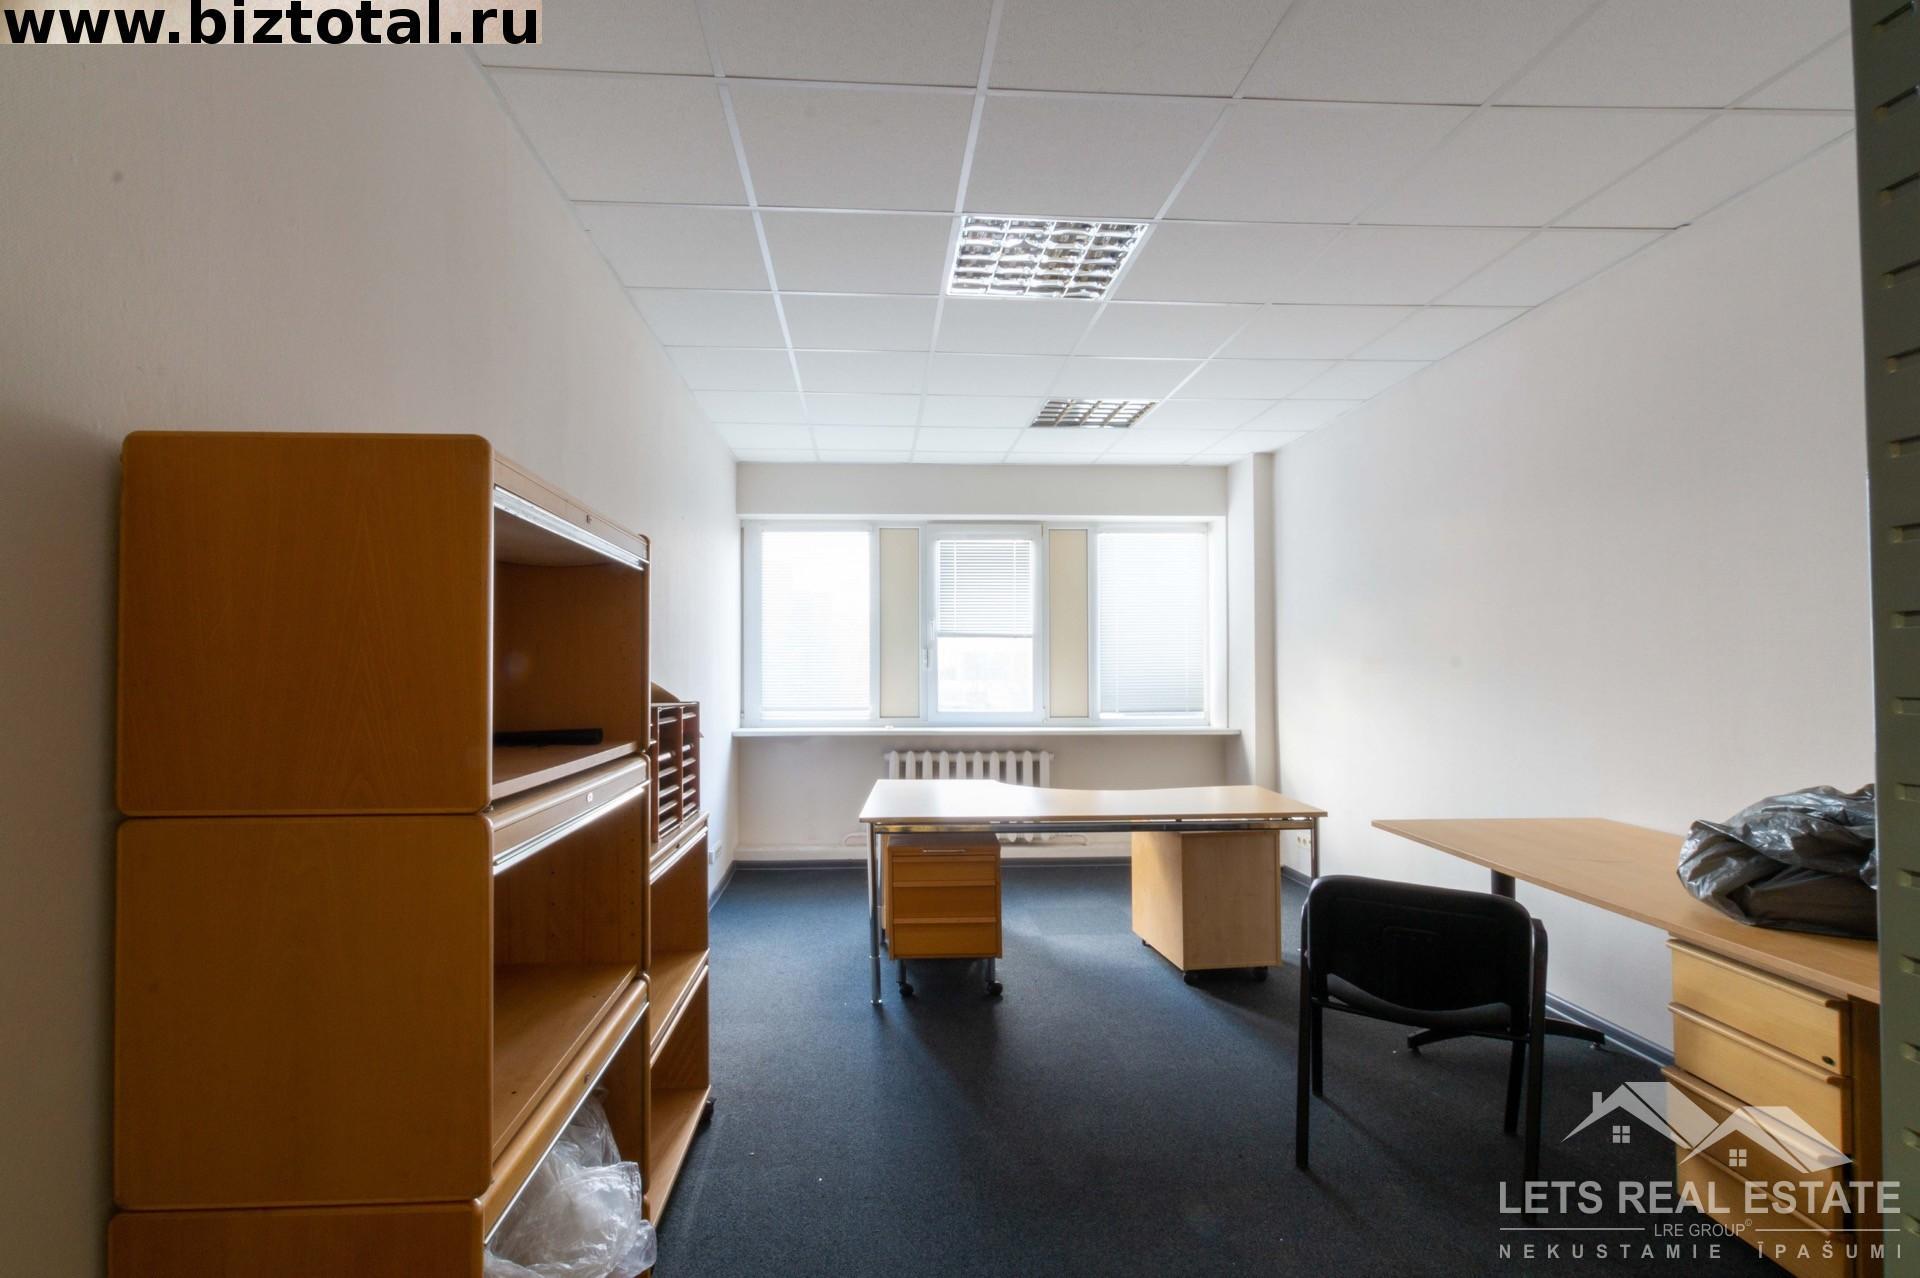 21.3 кв.м. офисные помещение, Ганибу дамбис 36, Саркандаугава, Рига, Латвия.